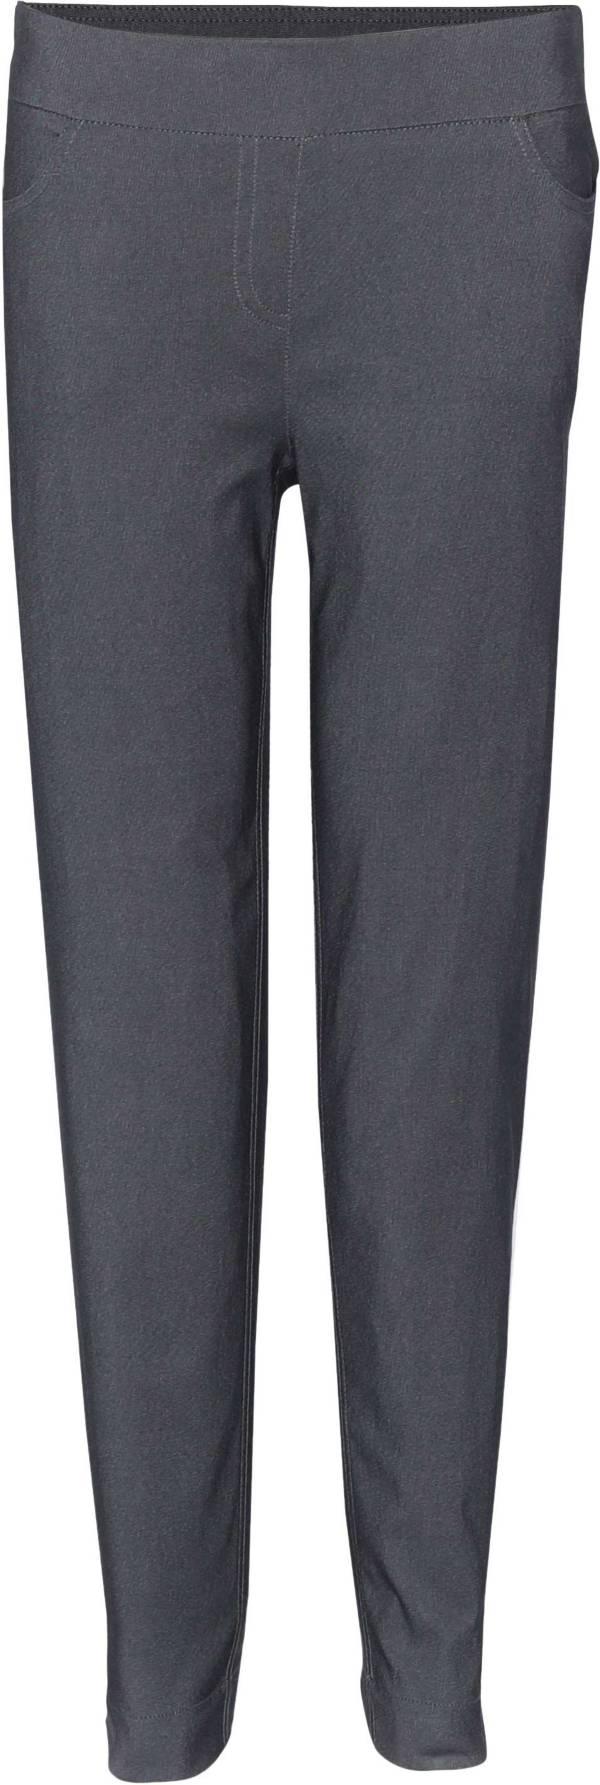 Bette & Court Women's Slim-Sation Golf Pants product image